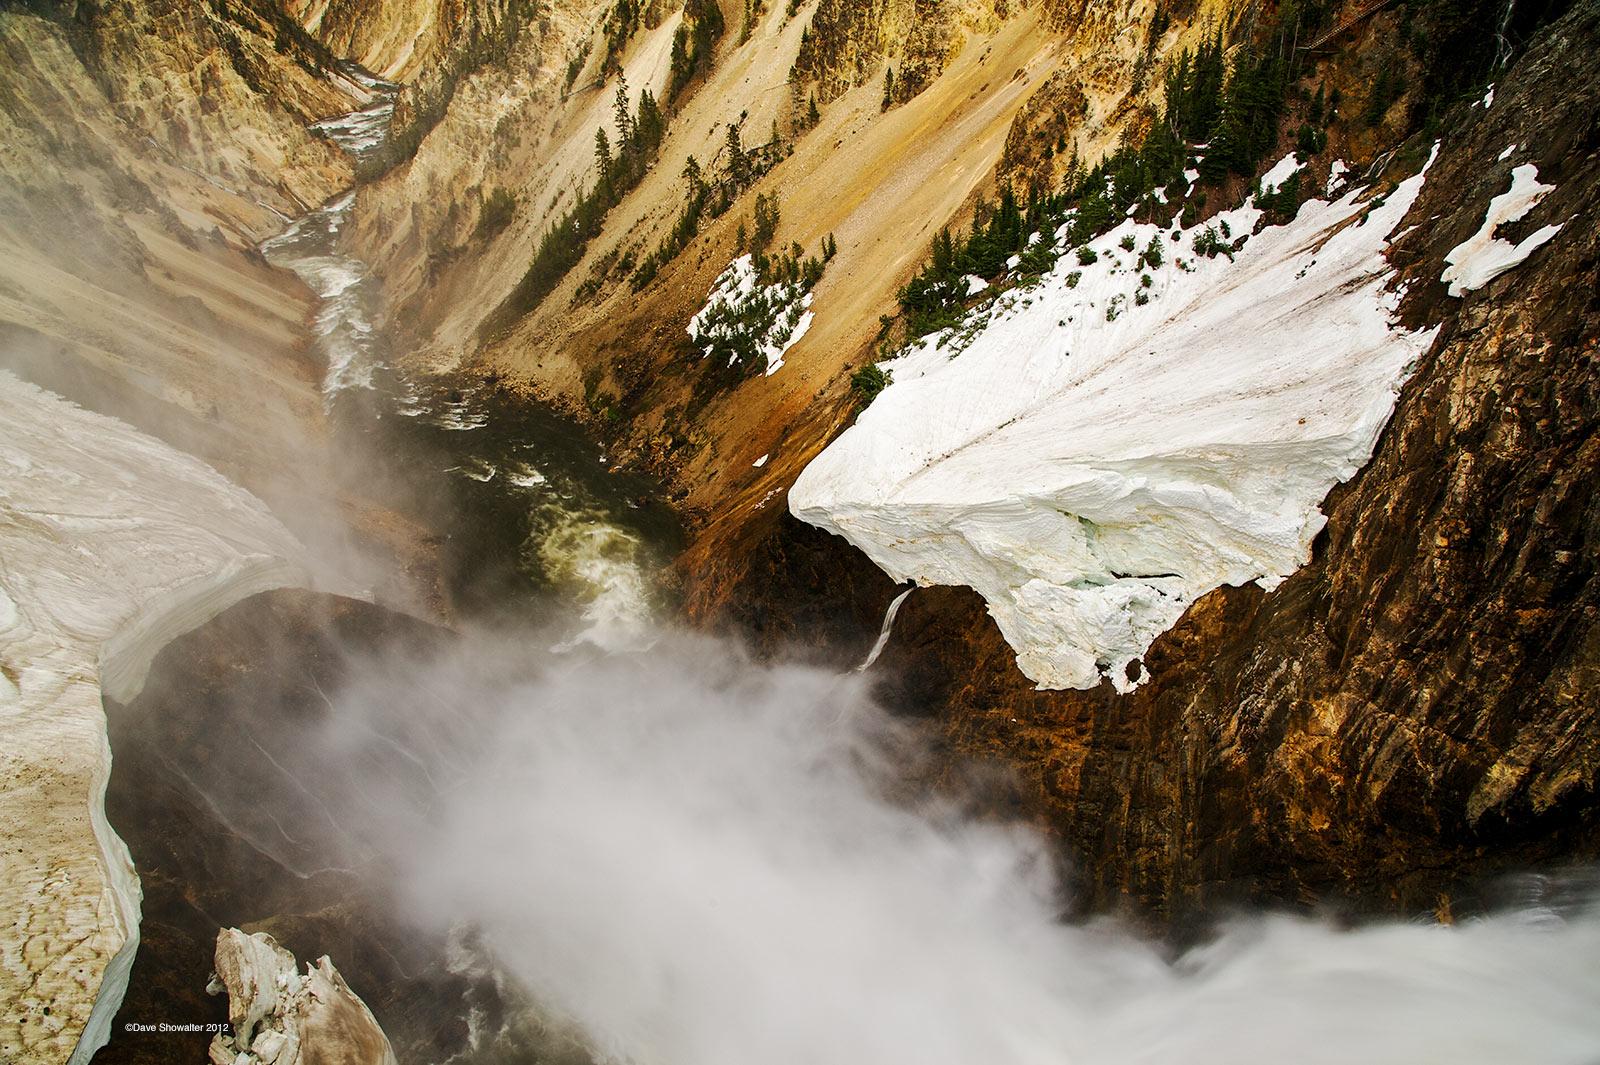 yellowstone river, lower falls, photo